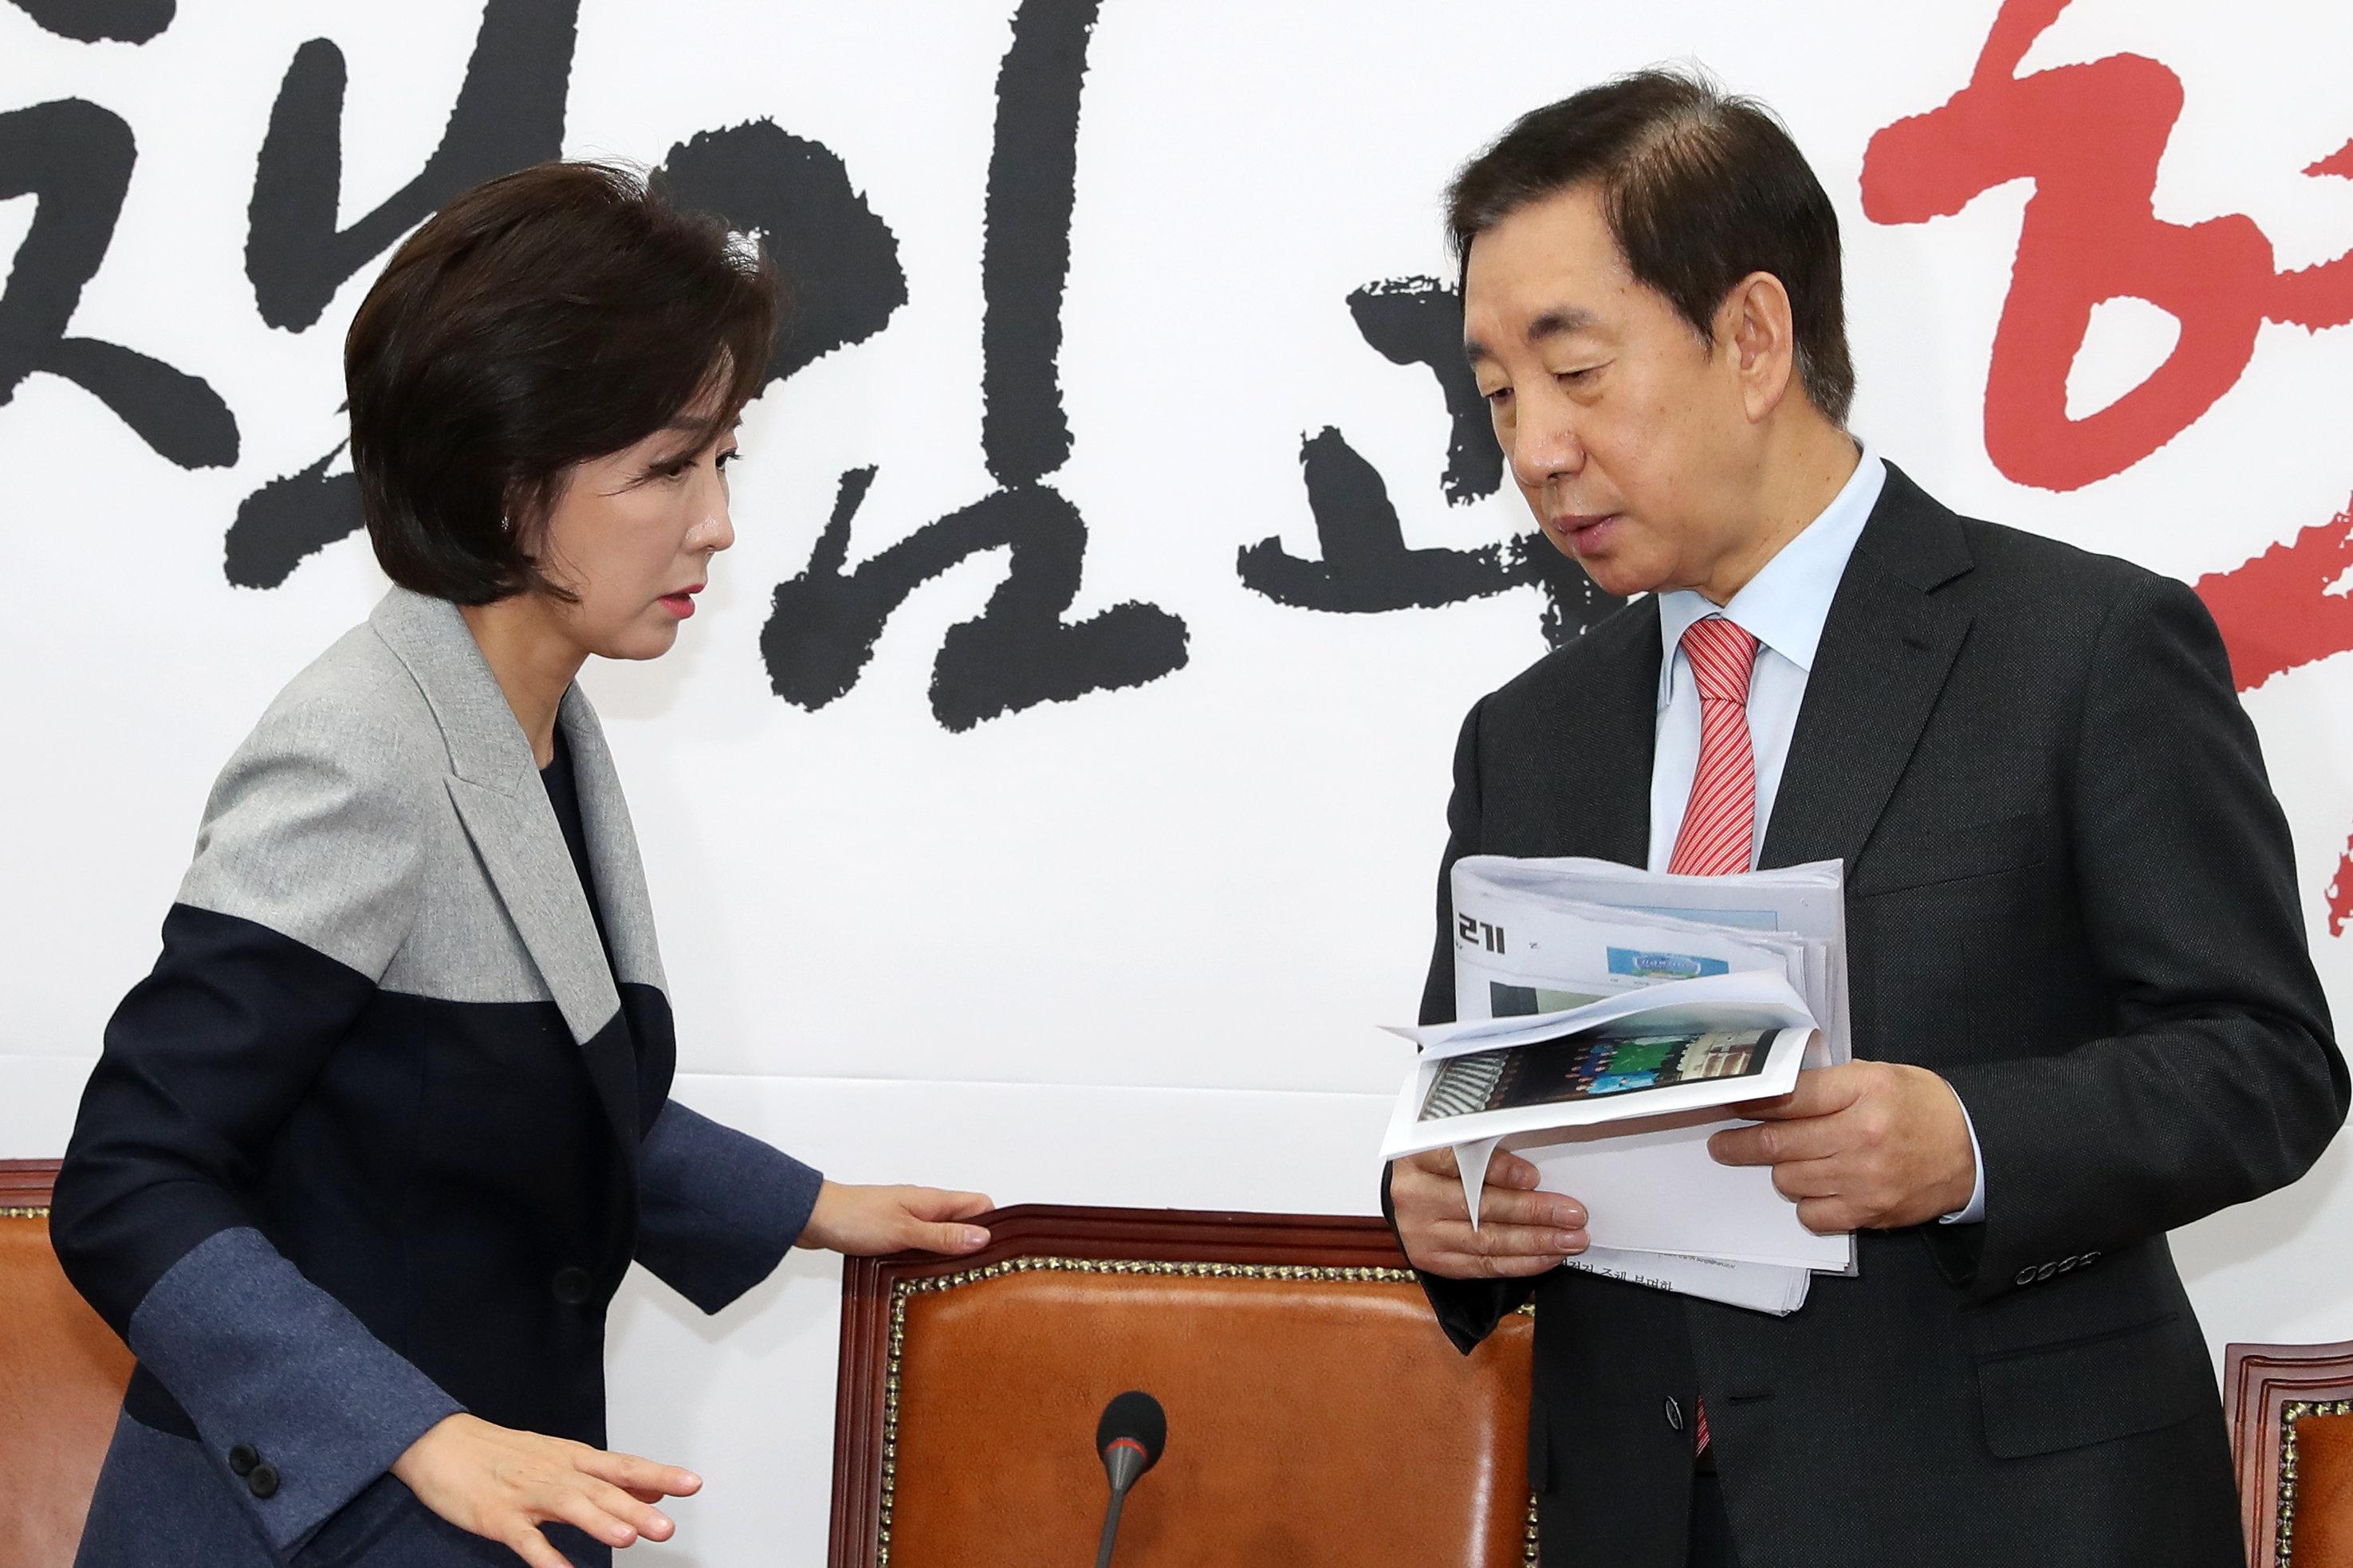 김성태 딸 후임은 계약직…'맞춤형 정규직' 채용의혹